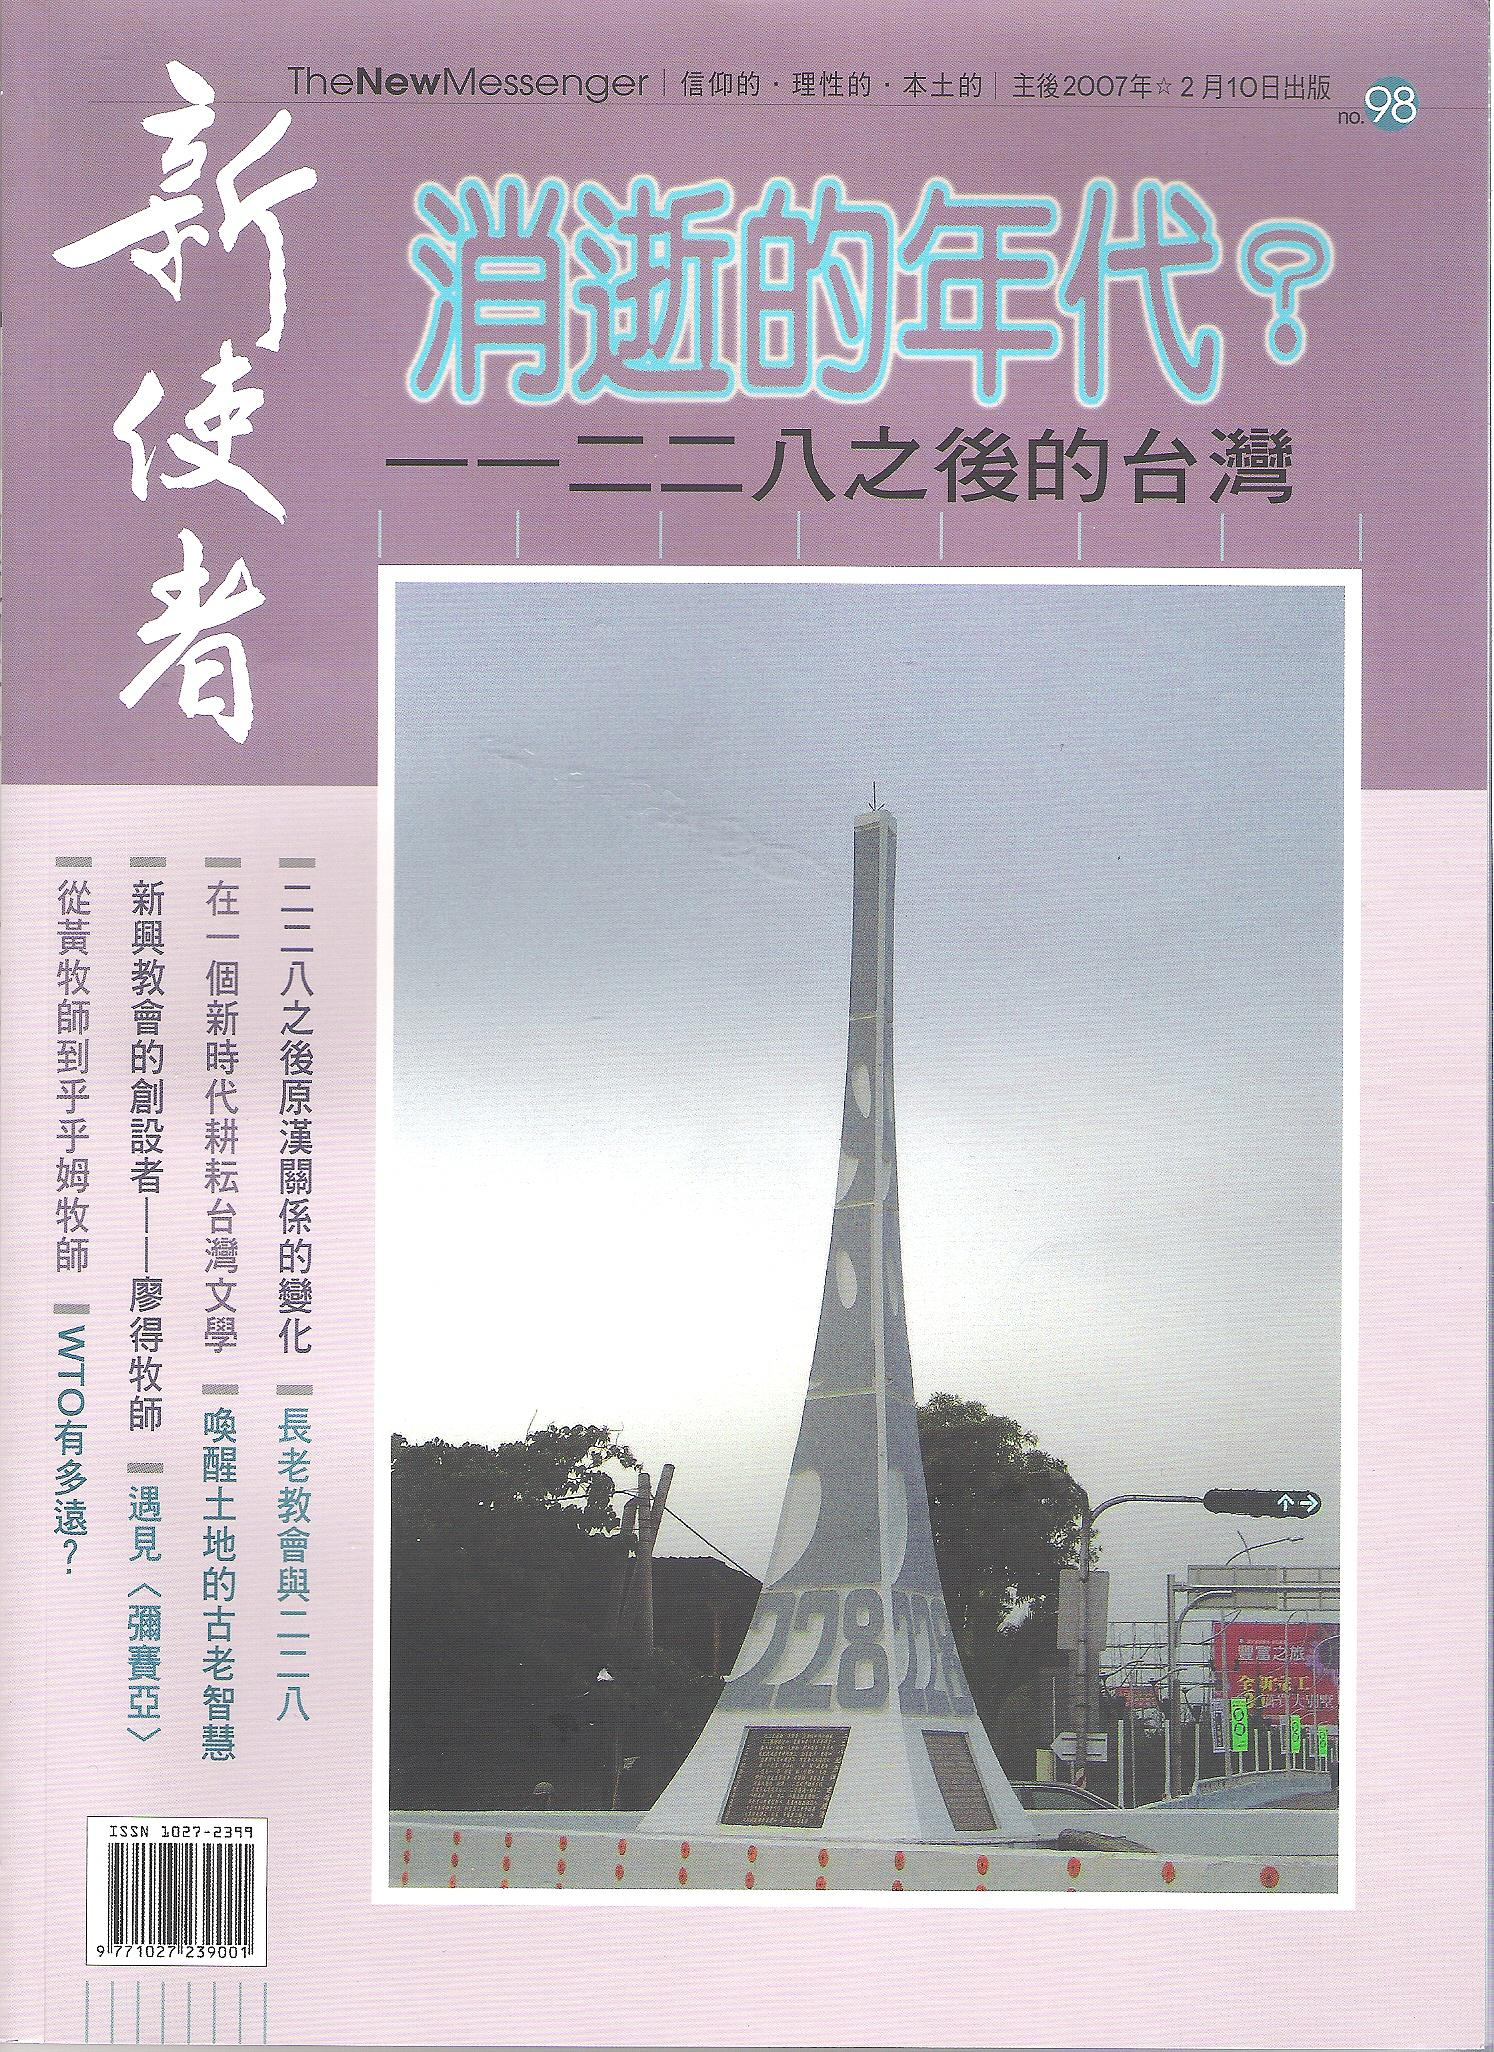 新使者雜誌 The New Messenger  98期  2007年  2月 消逝的年代?──二二八之後的台灣